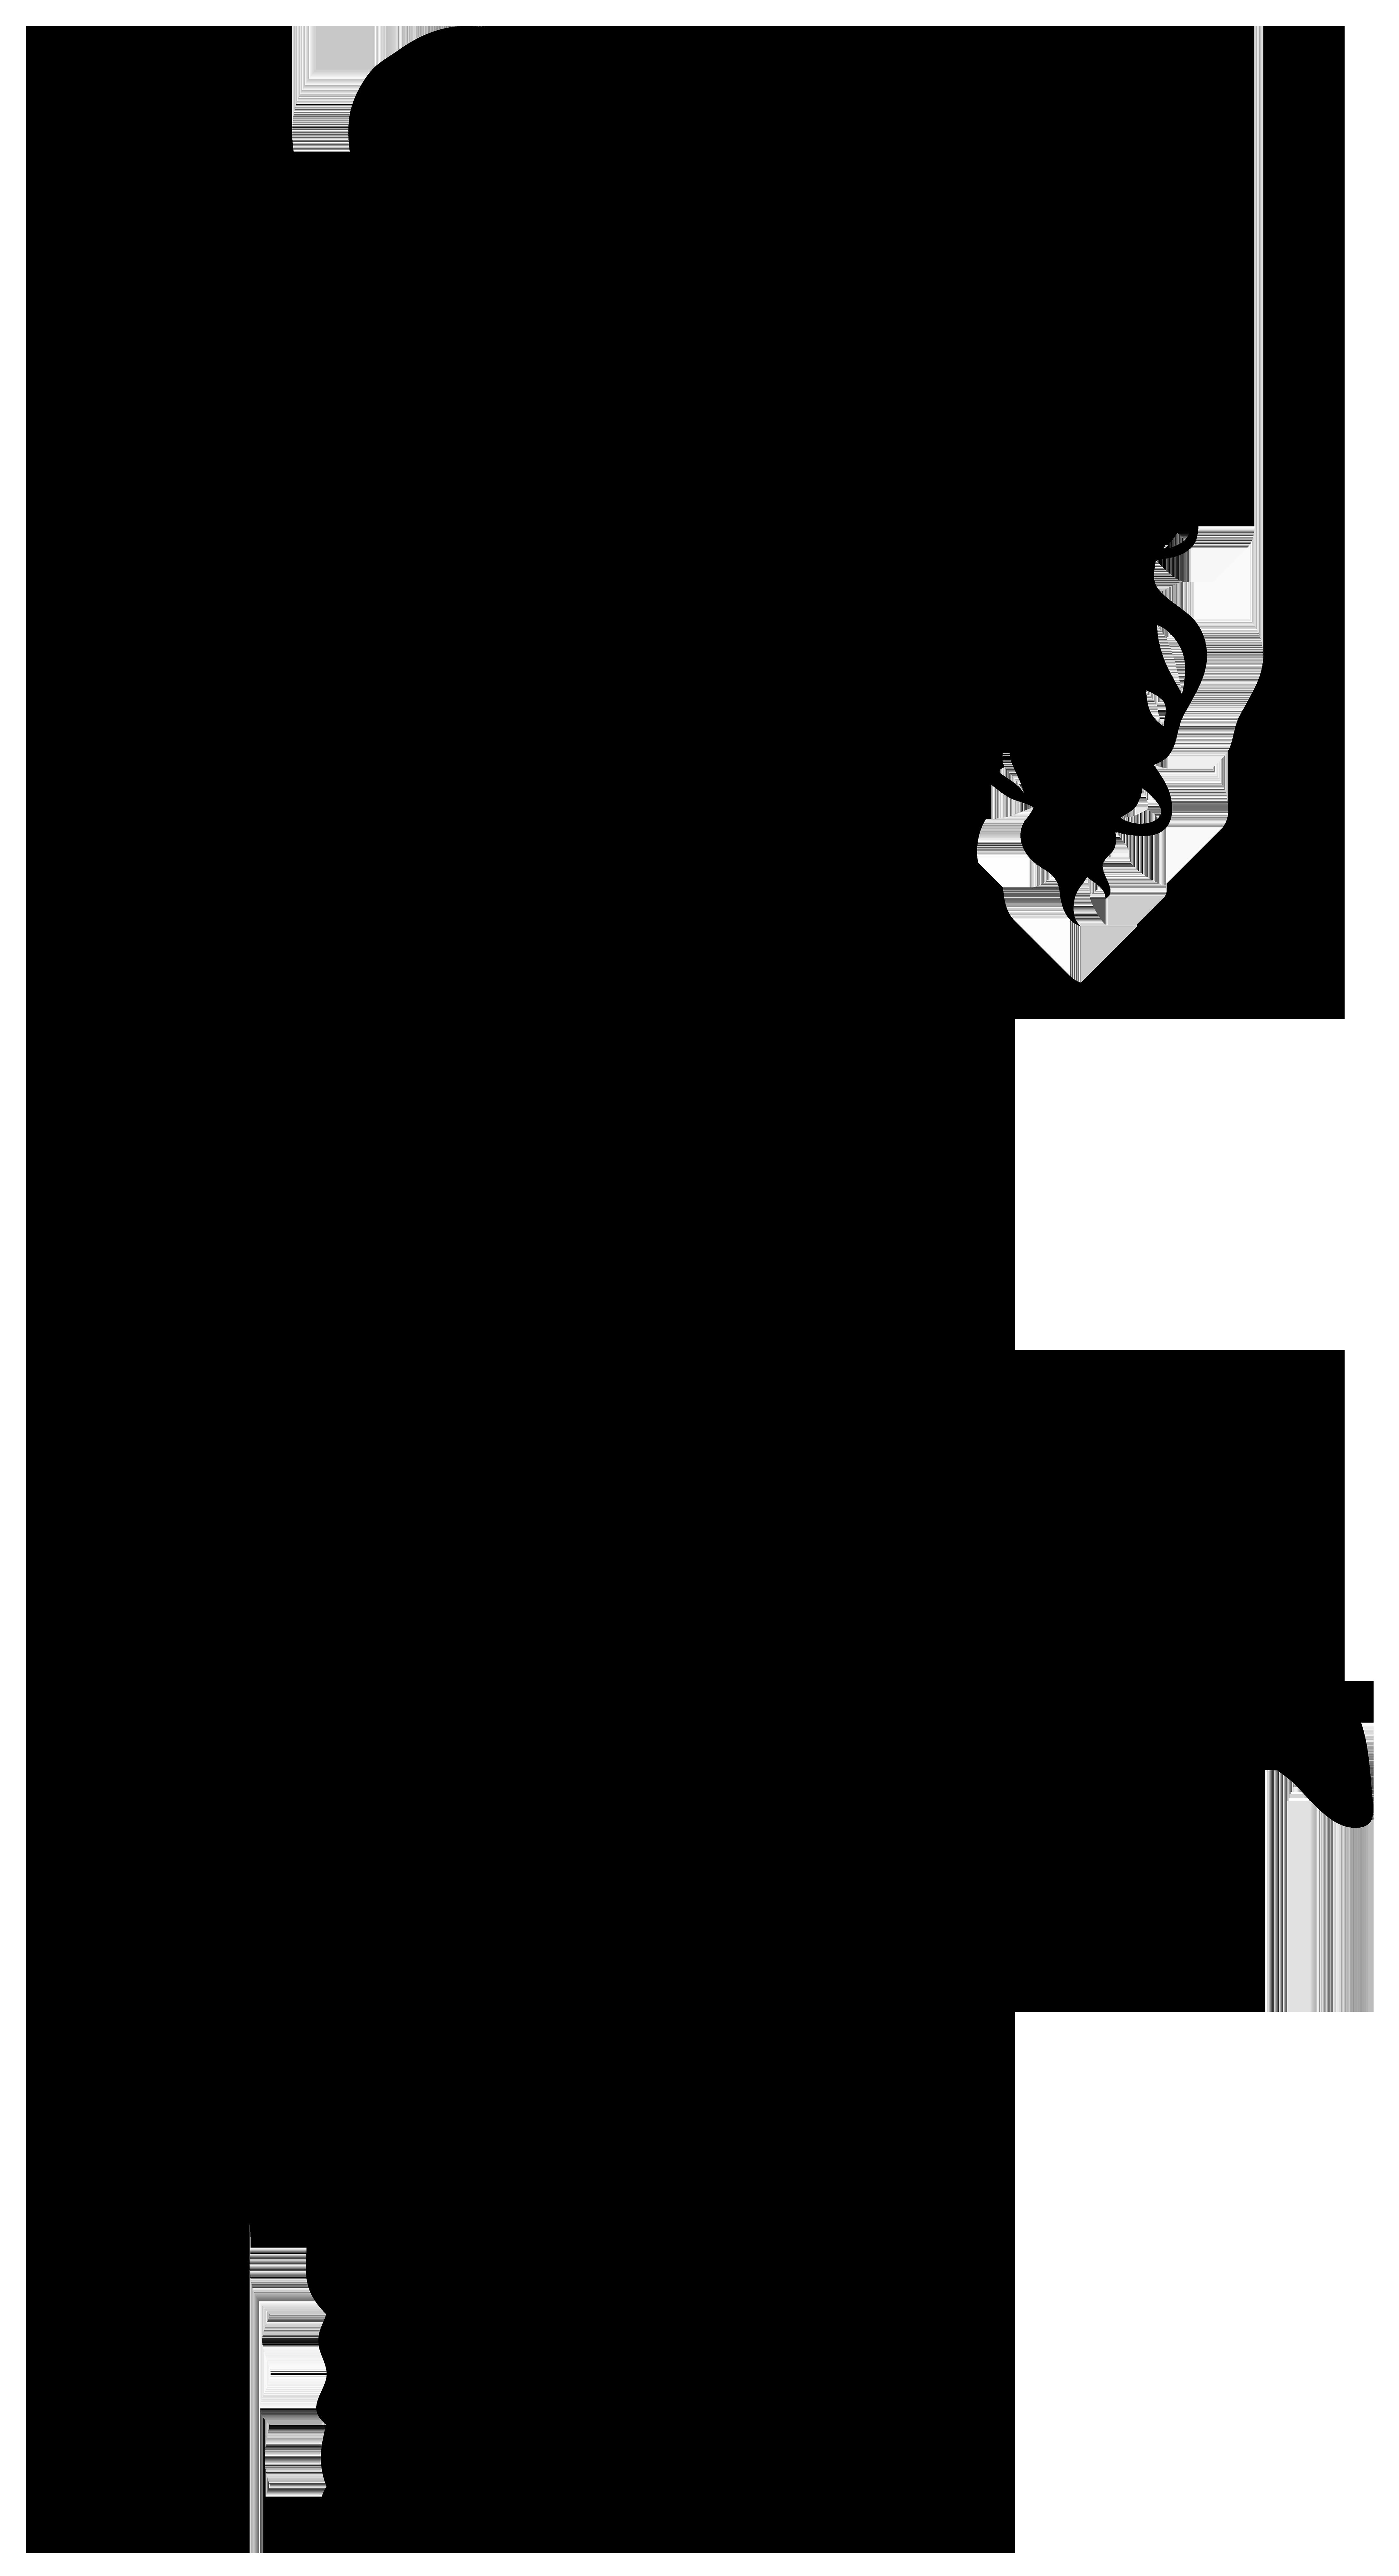 4345x8000 Kopel Clipart Transparent